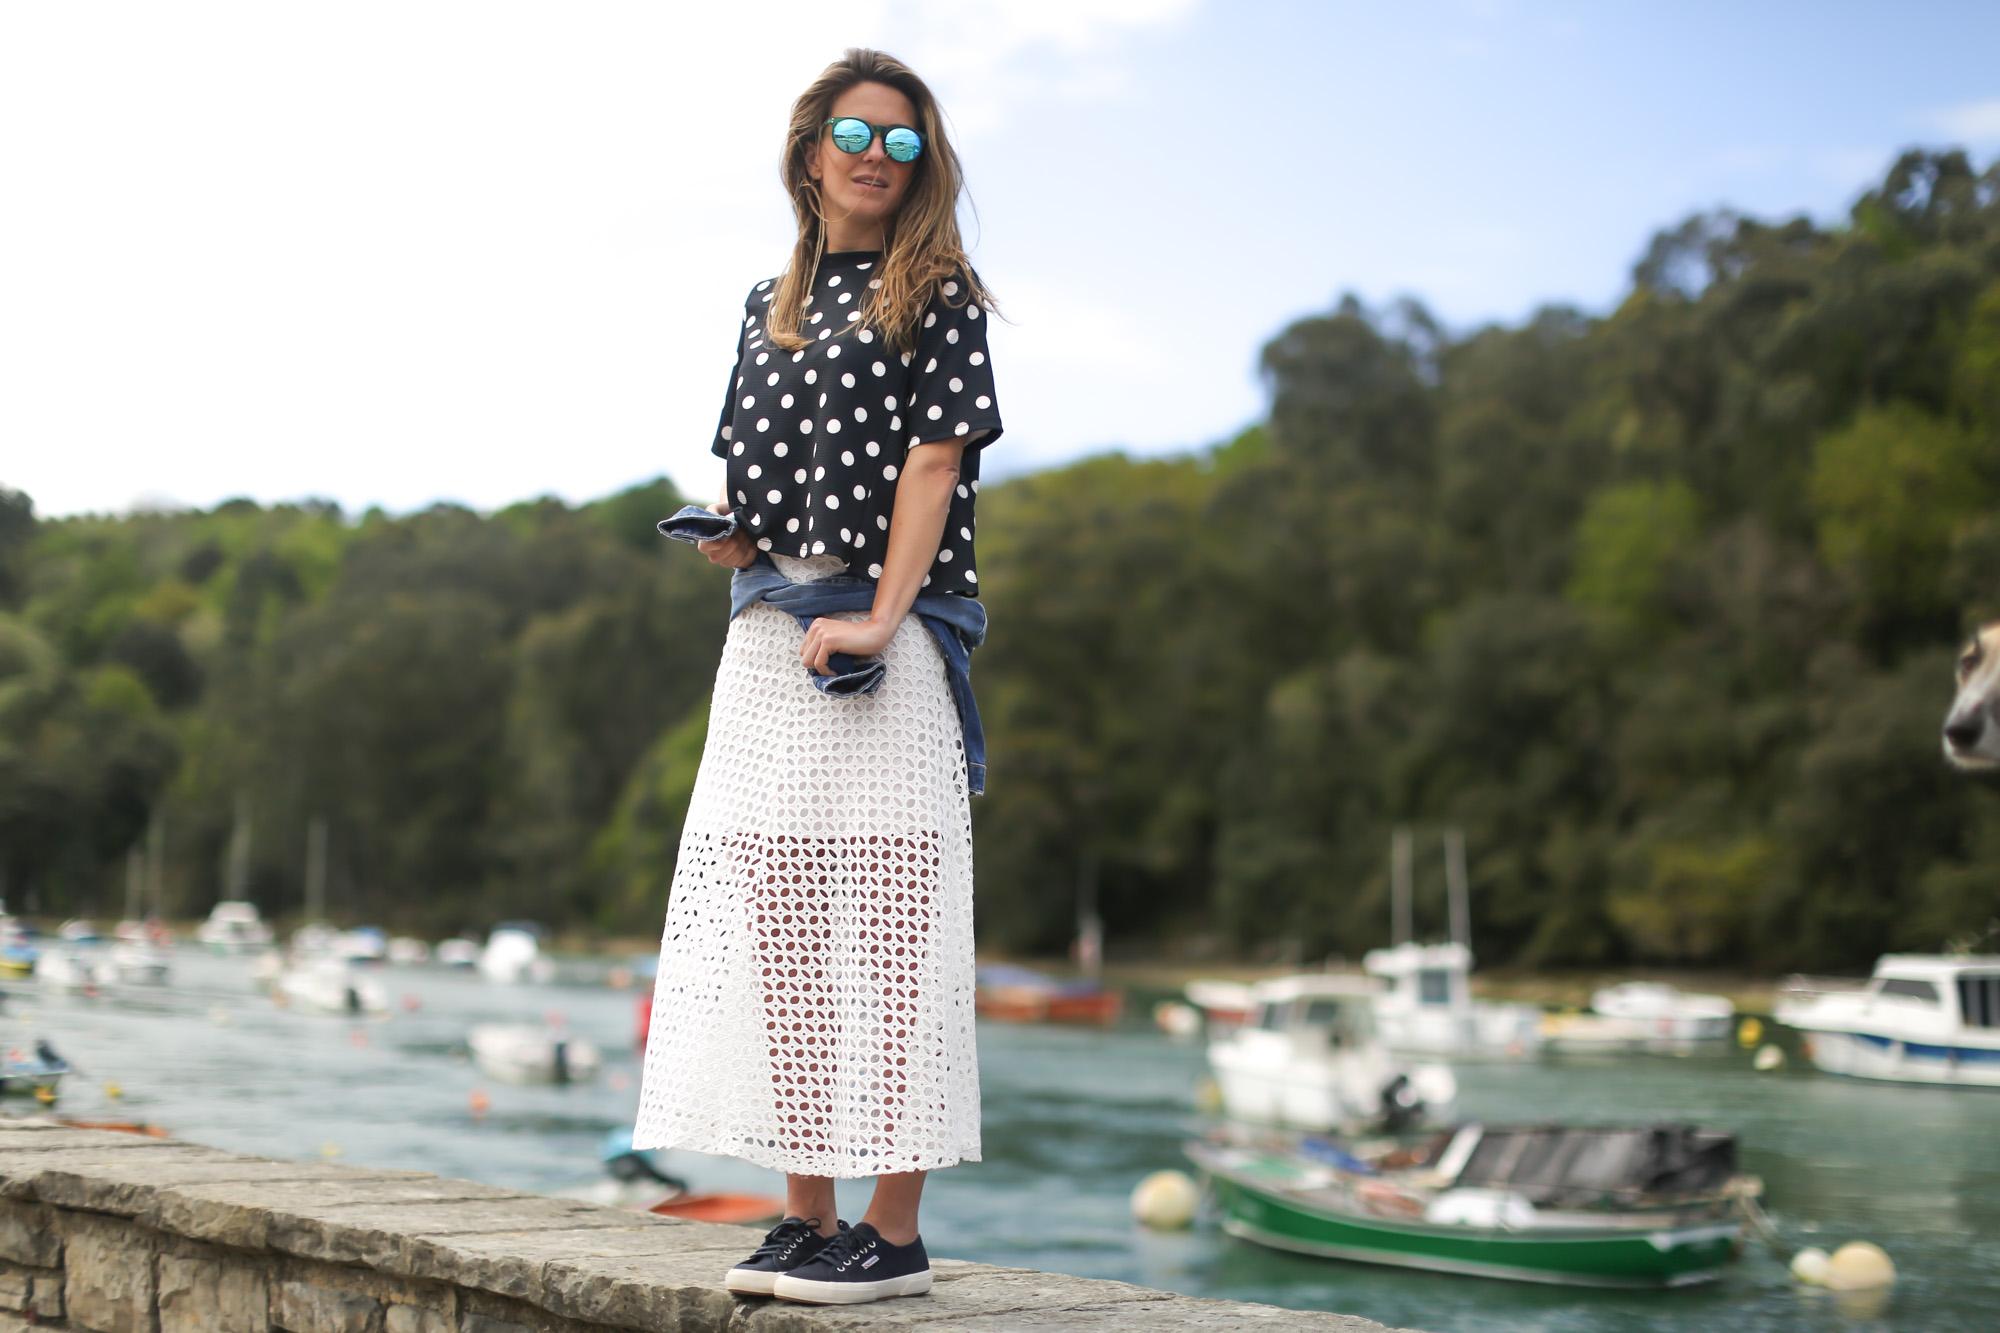 Clochet-streetstyle-zara-white-midi-crochet-dress-superga-leztinstreet-8